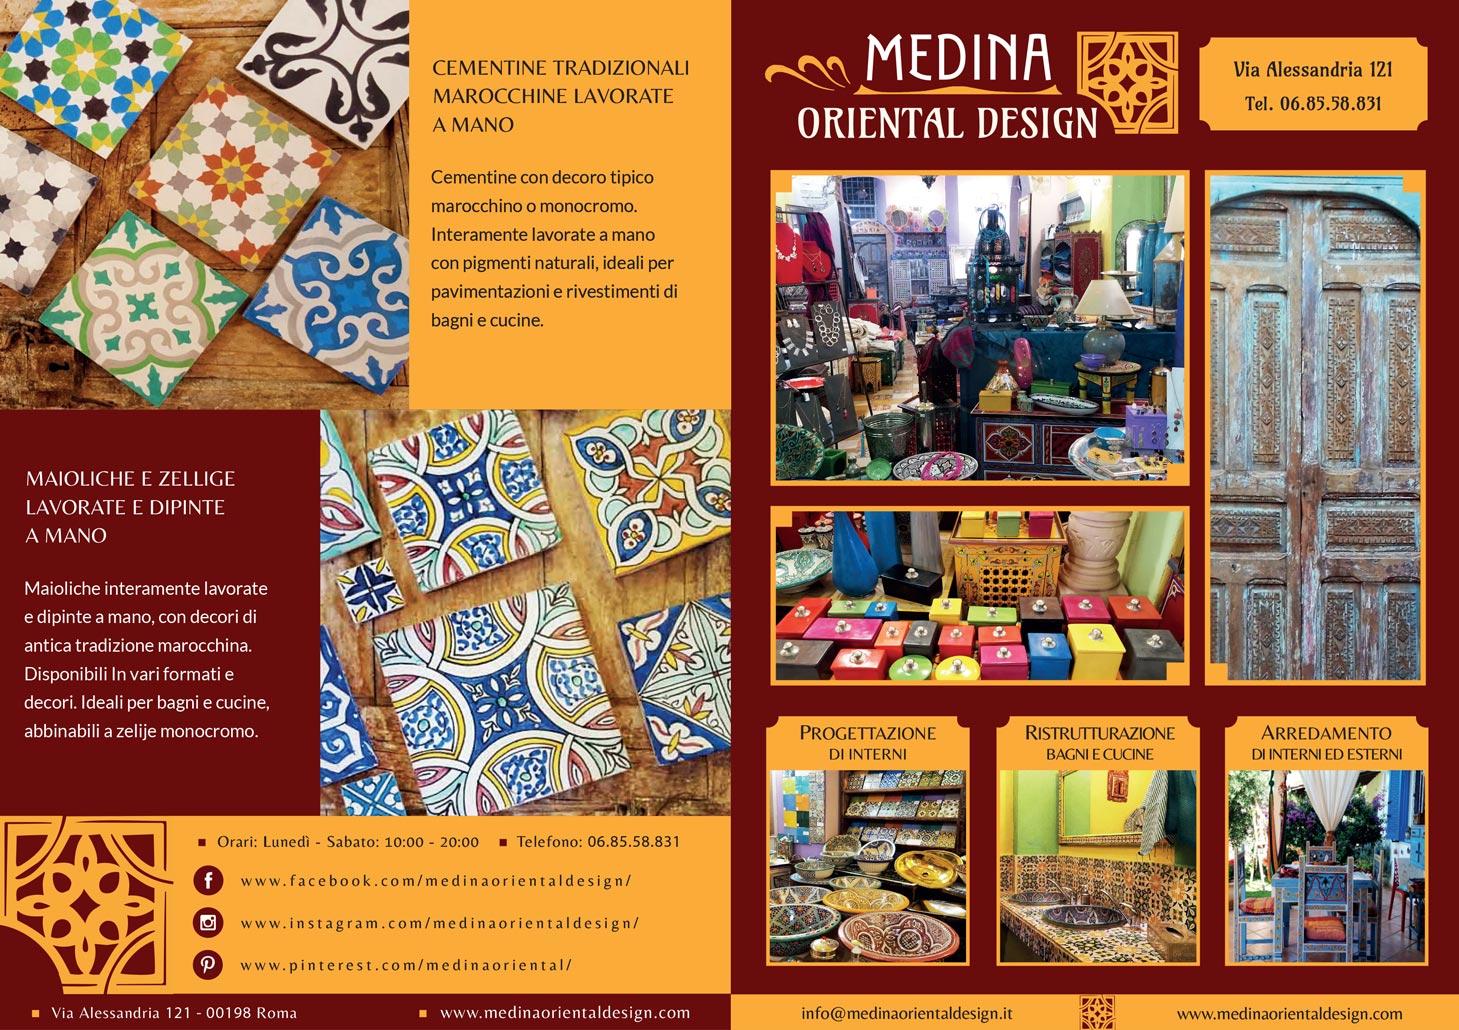 Medina Oriental Design